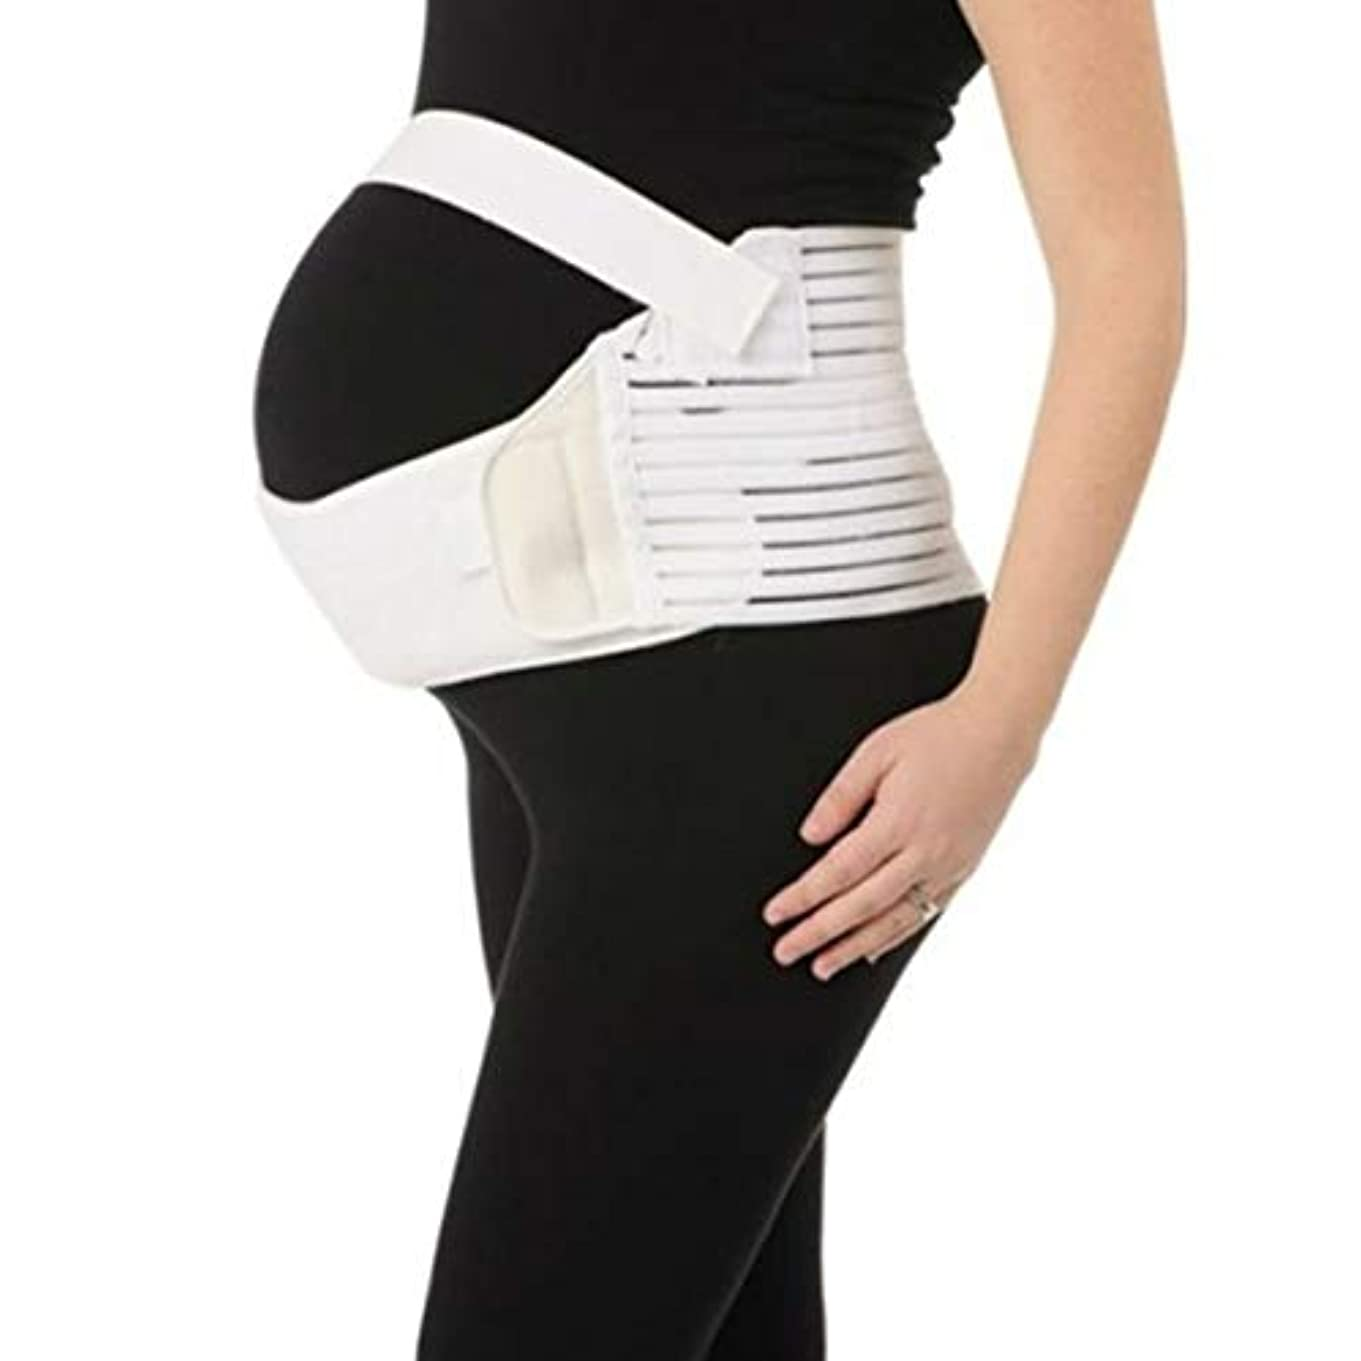 残基戦う賞通気性マタニティベルト妊娠腹部サポート腹部バインダーガードル運動包帯産後の回復shapewear - ホワイトL